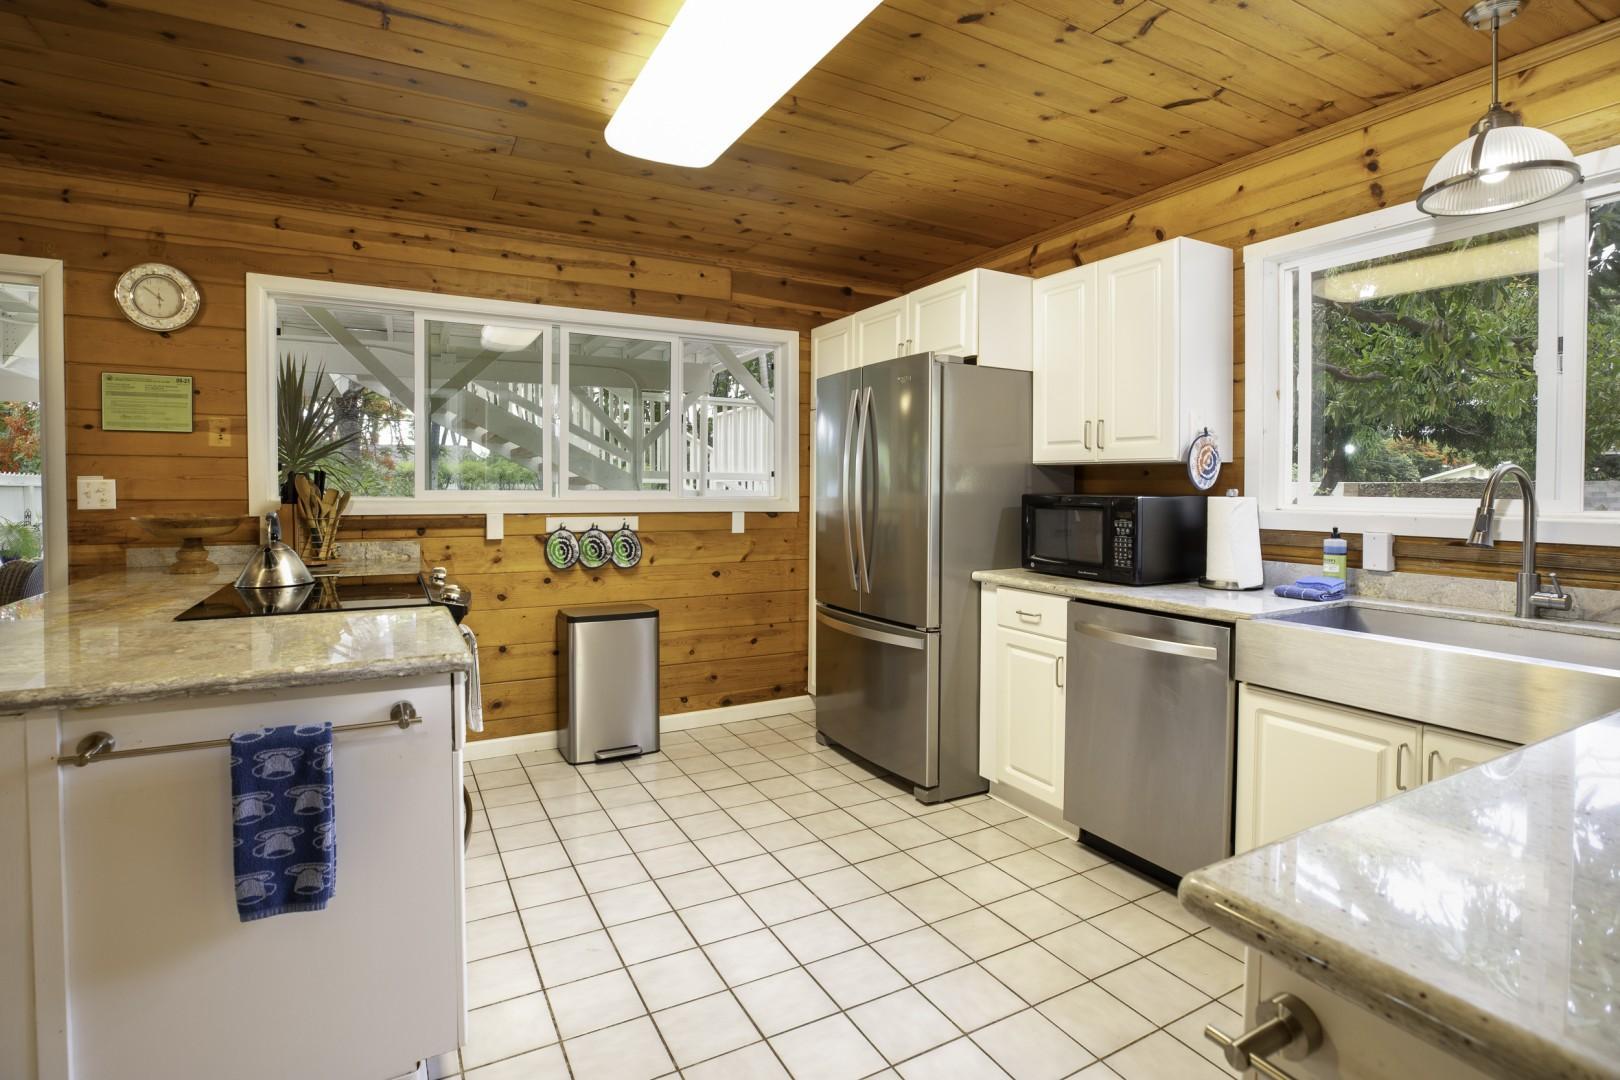 Spacious full kitchen